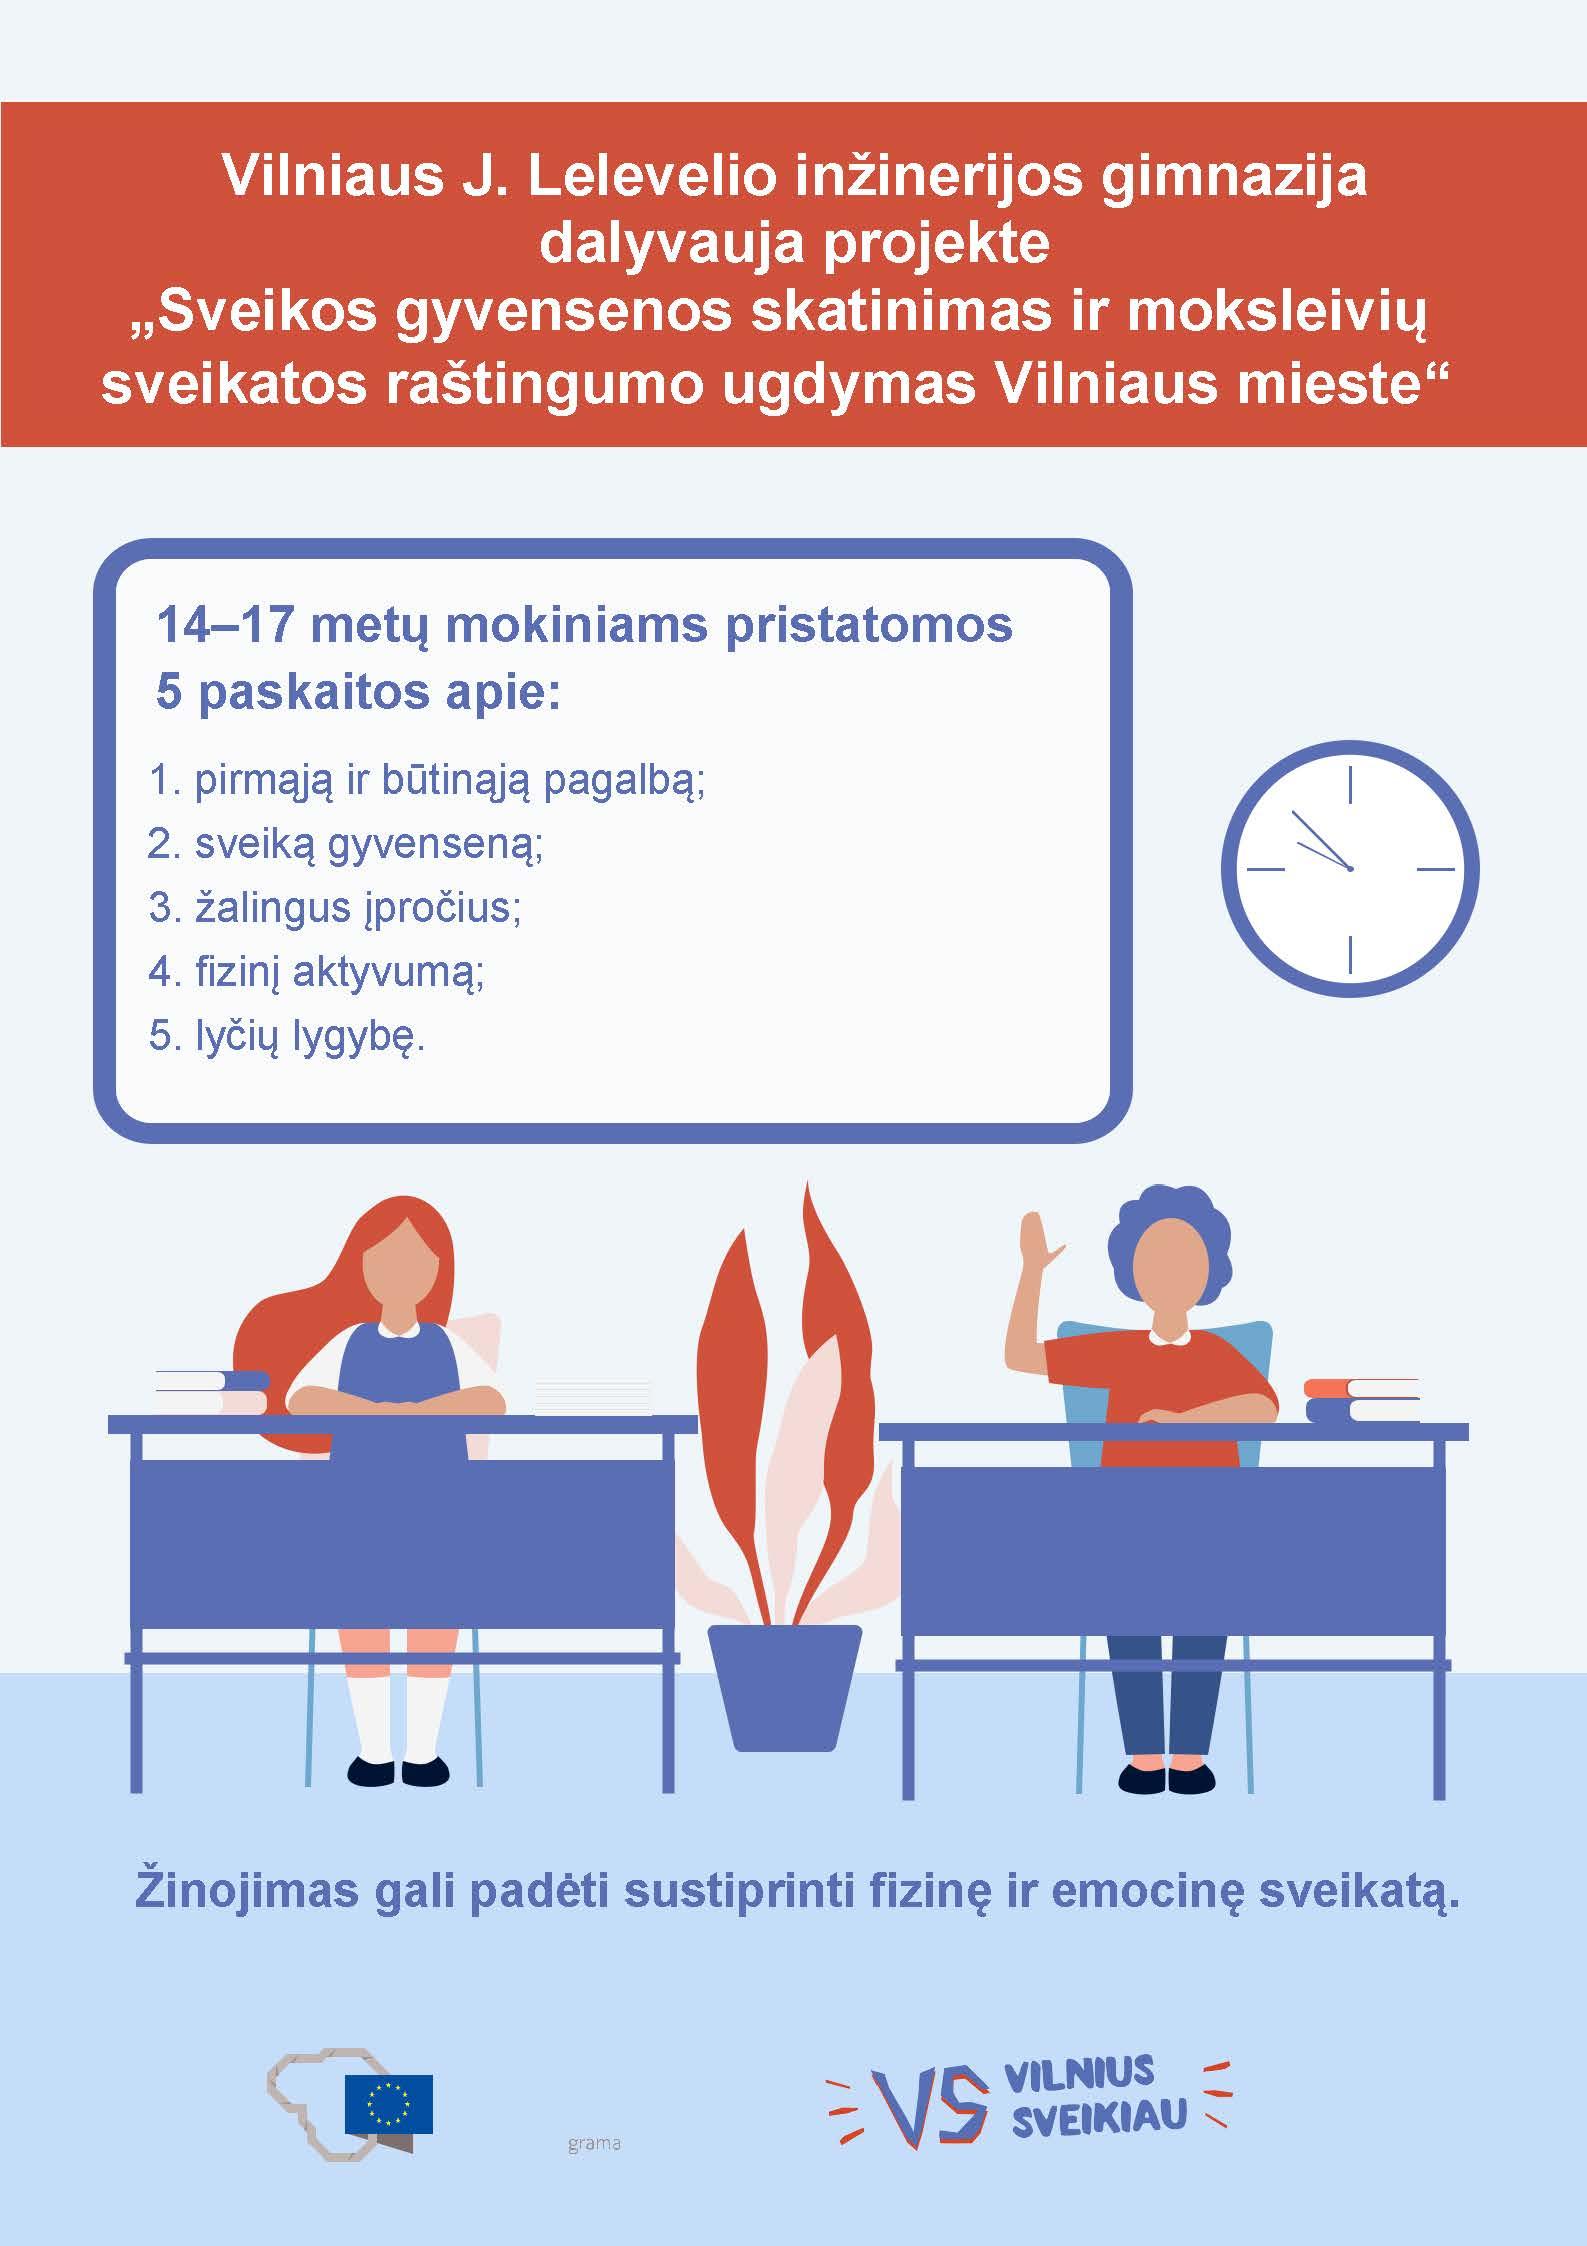 Sveikos gyvensenos skatinimas ir moksleivių sveikatos raštingumo ugdymas Vilniaus mieste